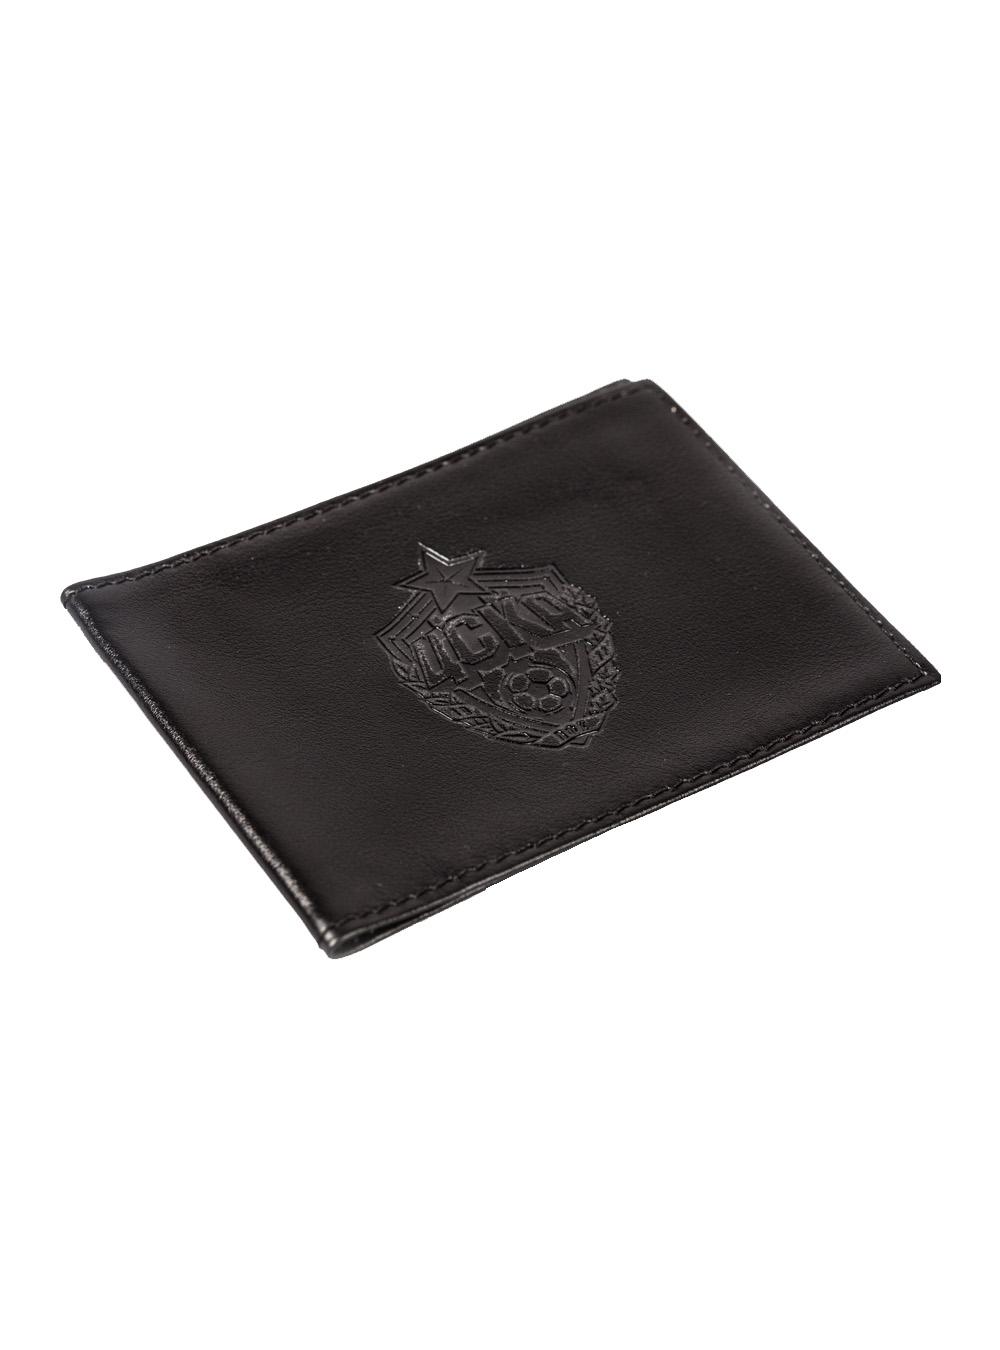 Обложка для студенческого, цвет чёрныйОбложки для удостоверений, футляры универсальные<br>Обложка для студенческого, цвет чёрный<br>